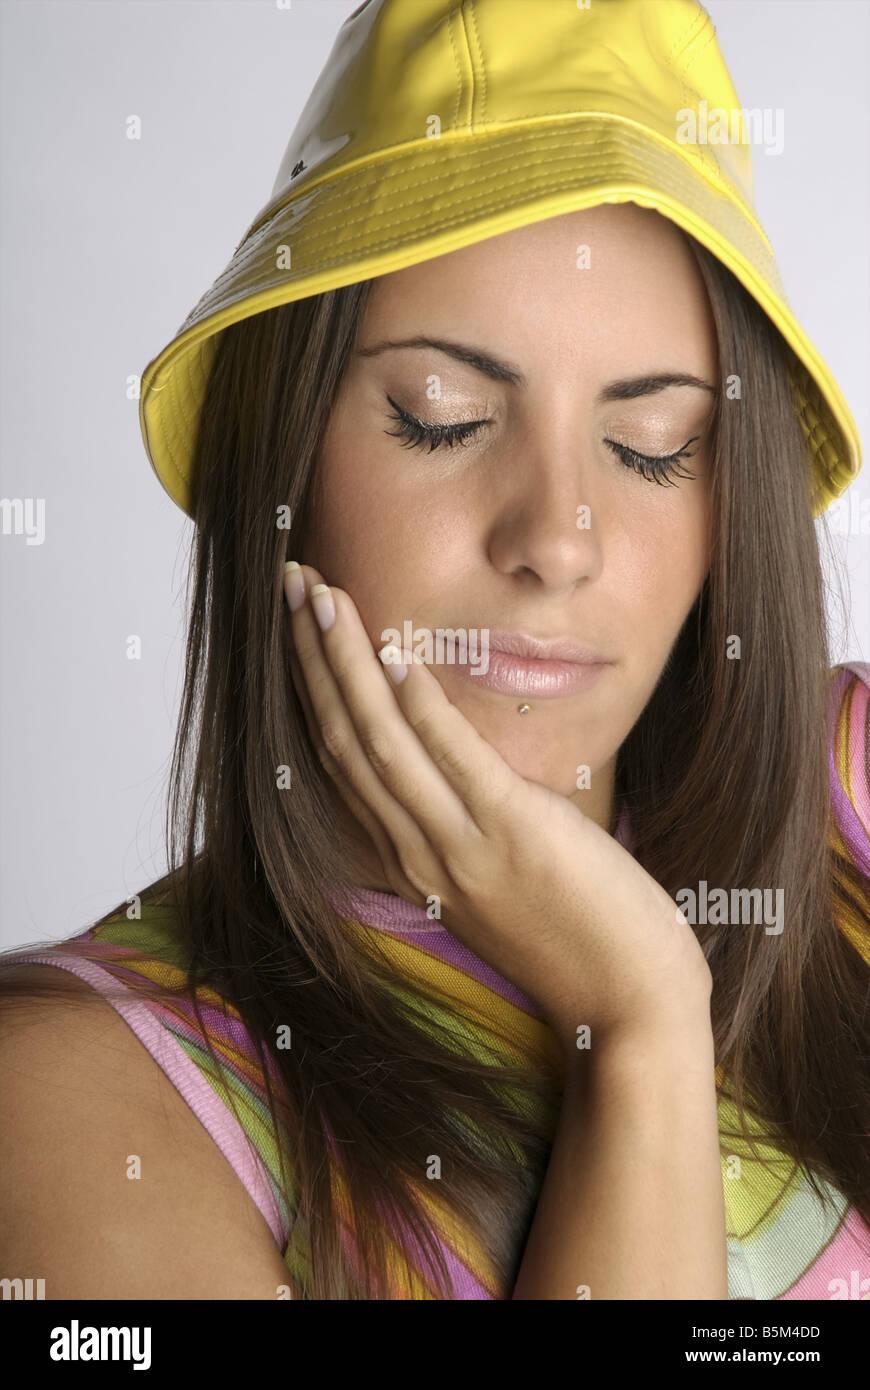 Weibliche Brünette mit langen Haaren. Stockbild